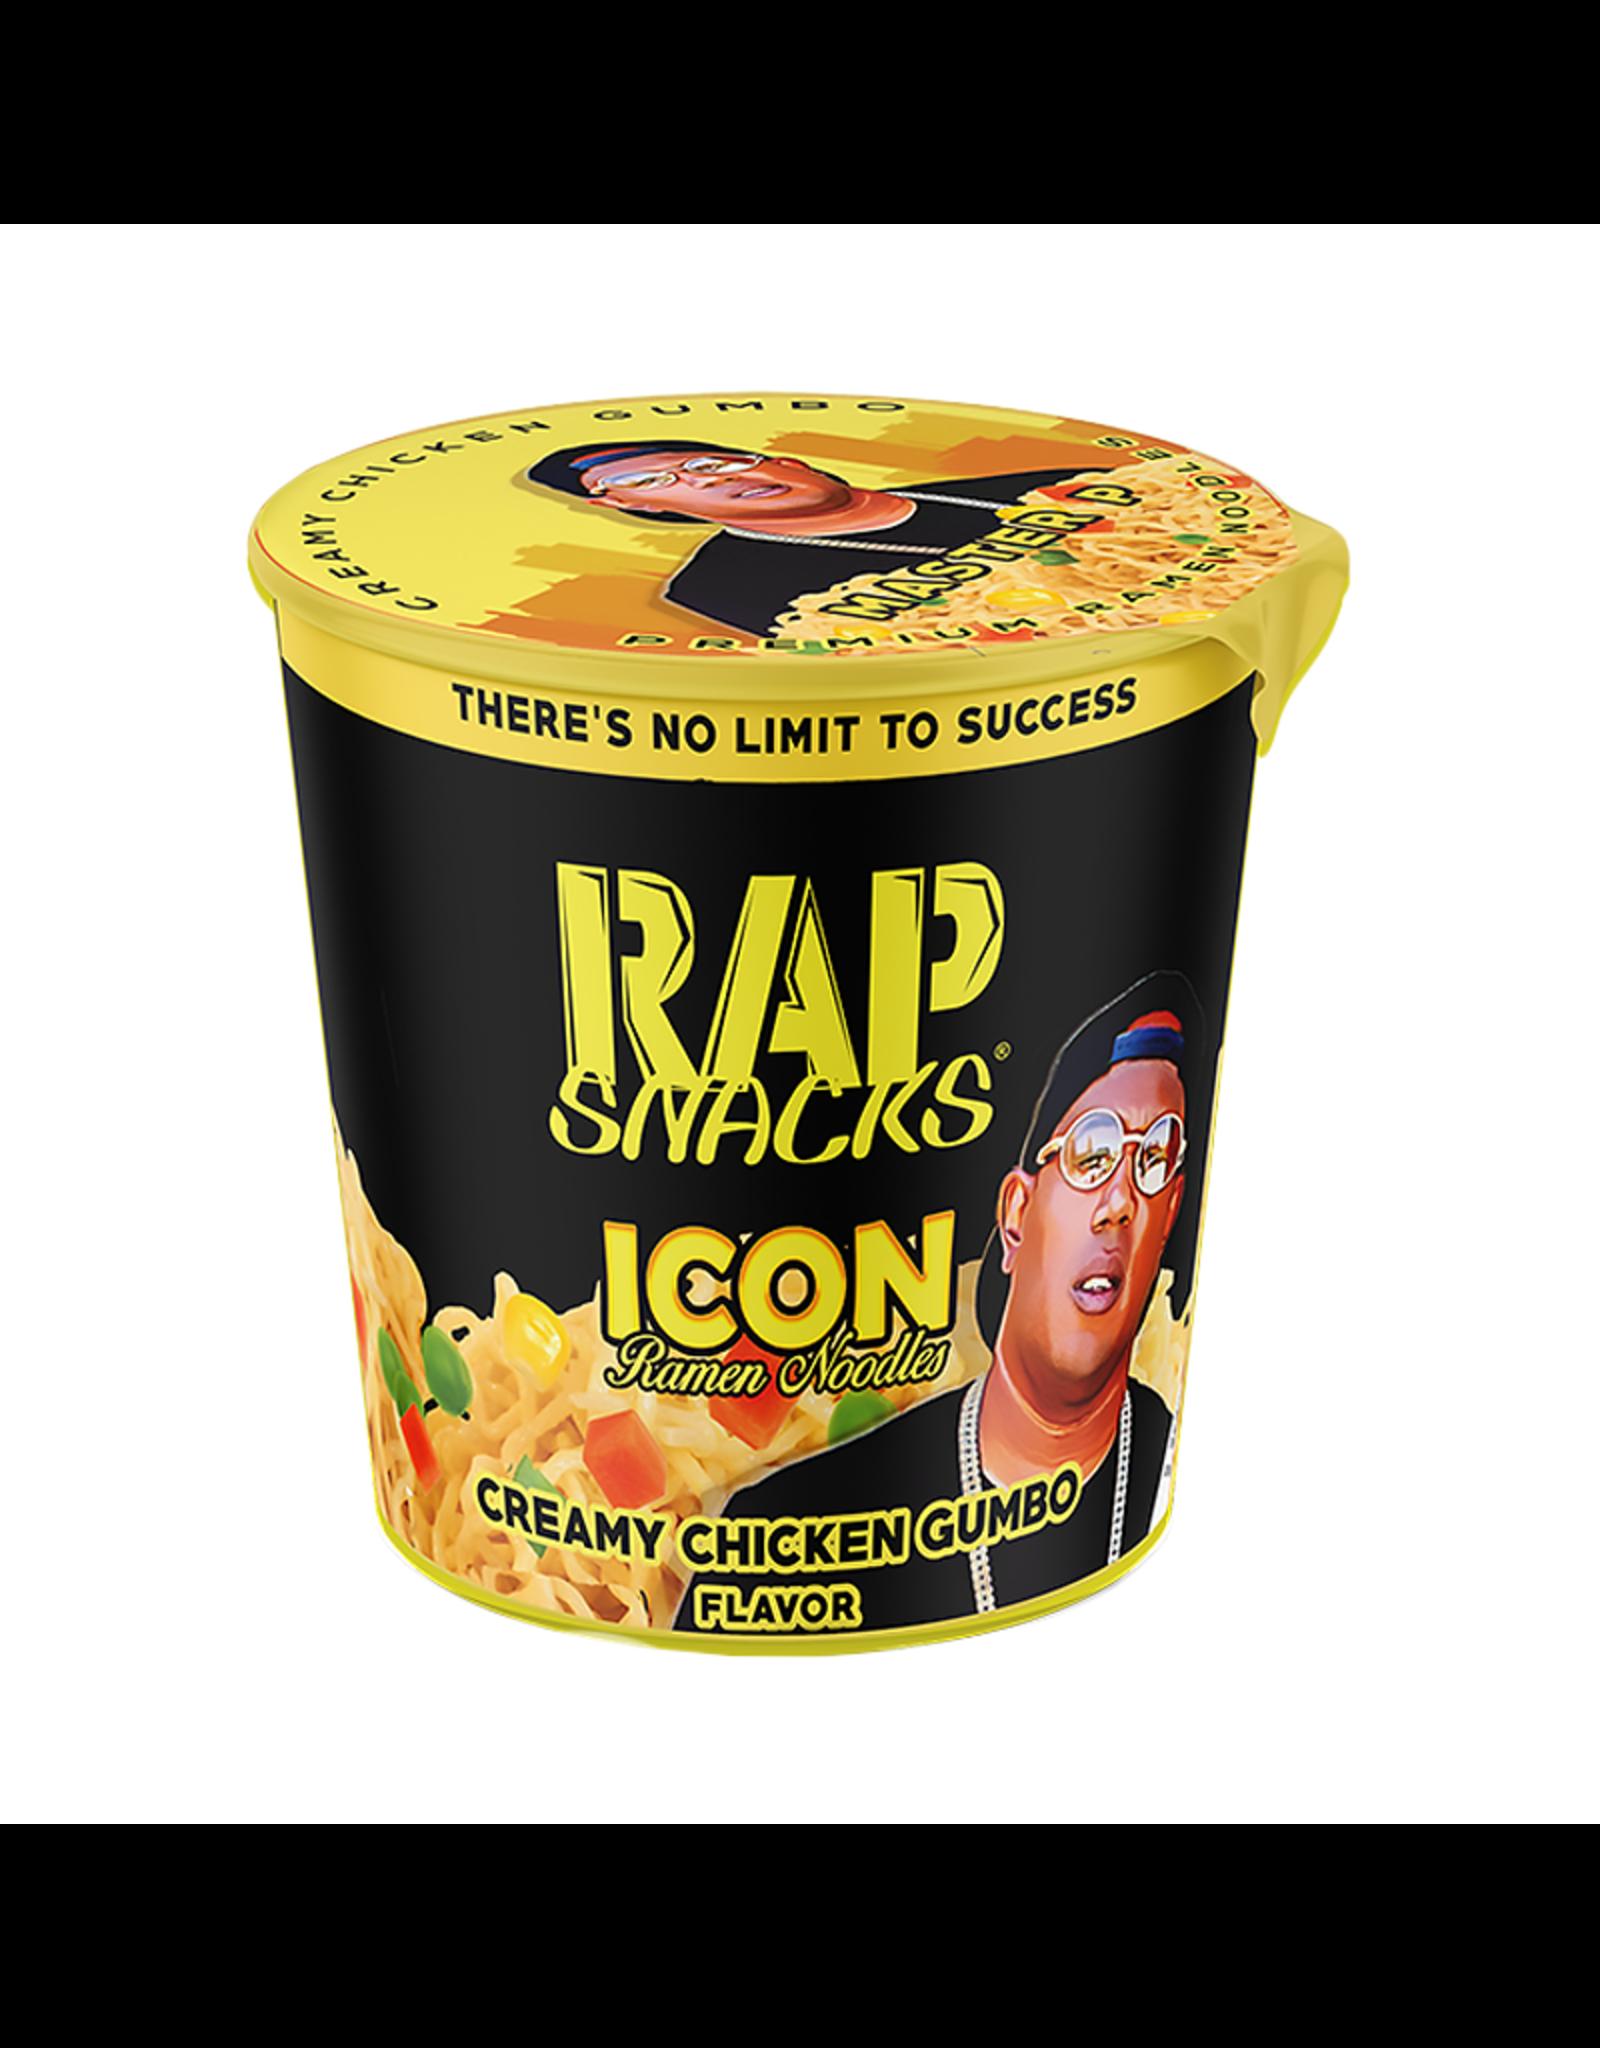 Rap Snacks - Icon Ramen Noodles - Creamy Chicken Gumbo Flavor - 64g